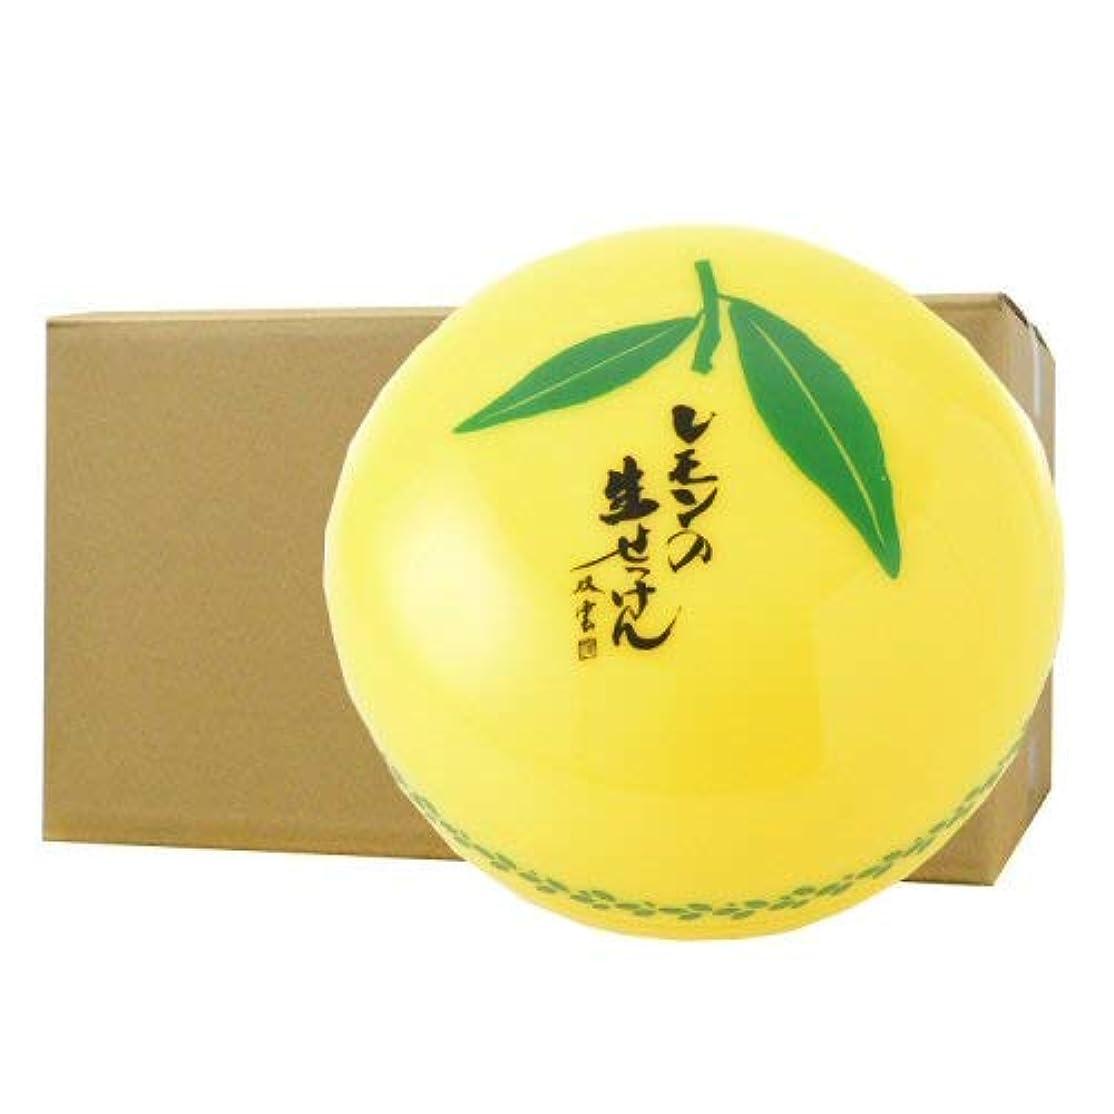 数値前提弾性美香柑 レモンの生せっけん 洗顔石けん 無添加 スパチュラ?泡立てネット付 大容量 120g×24個ケース